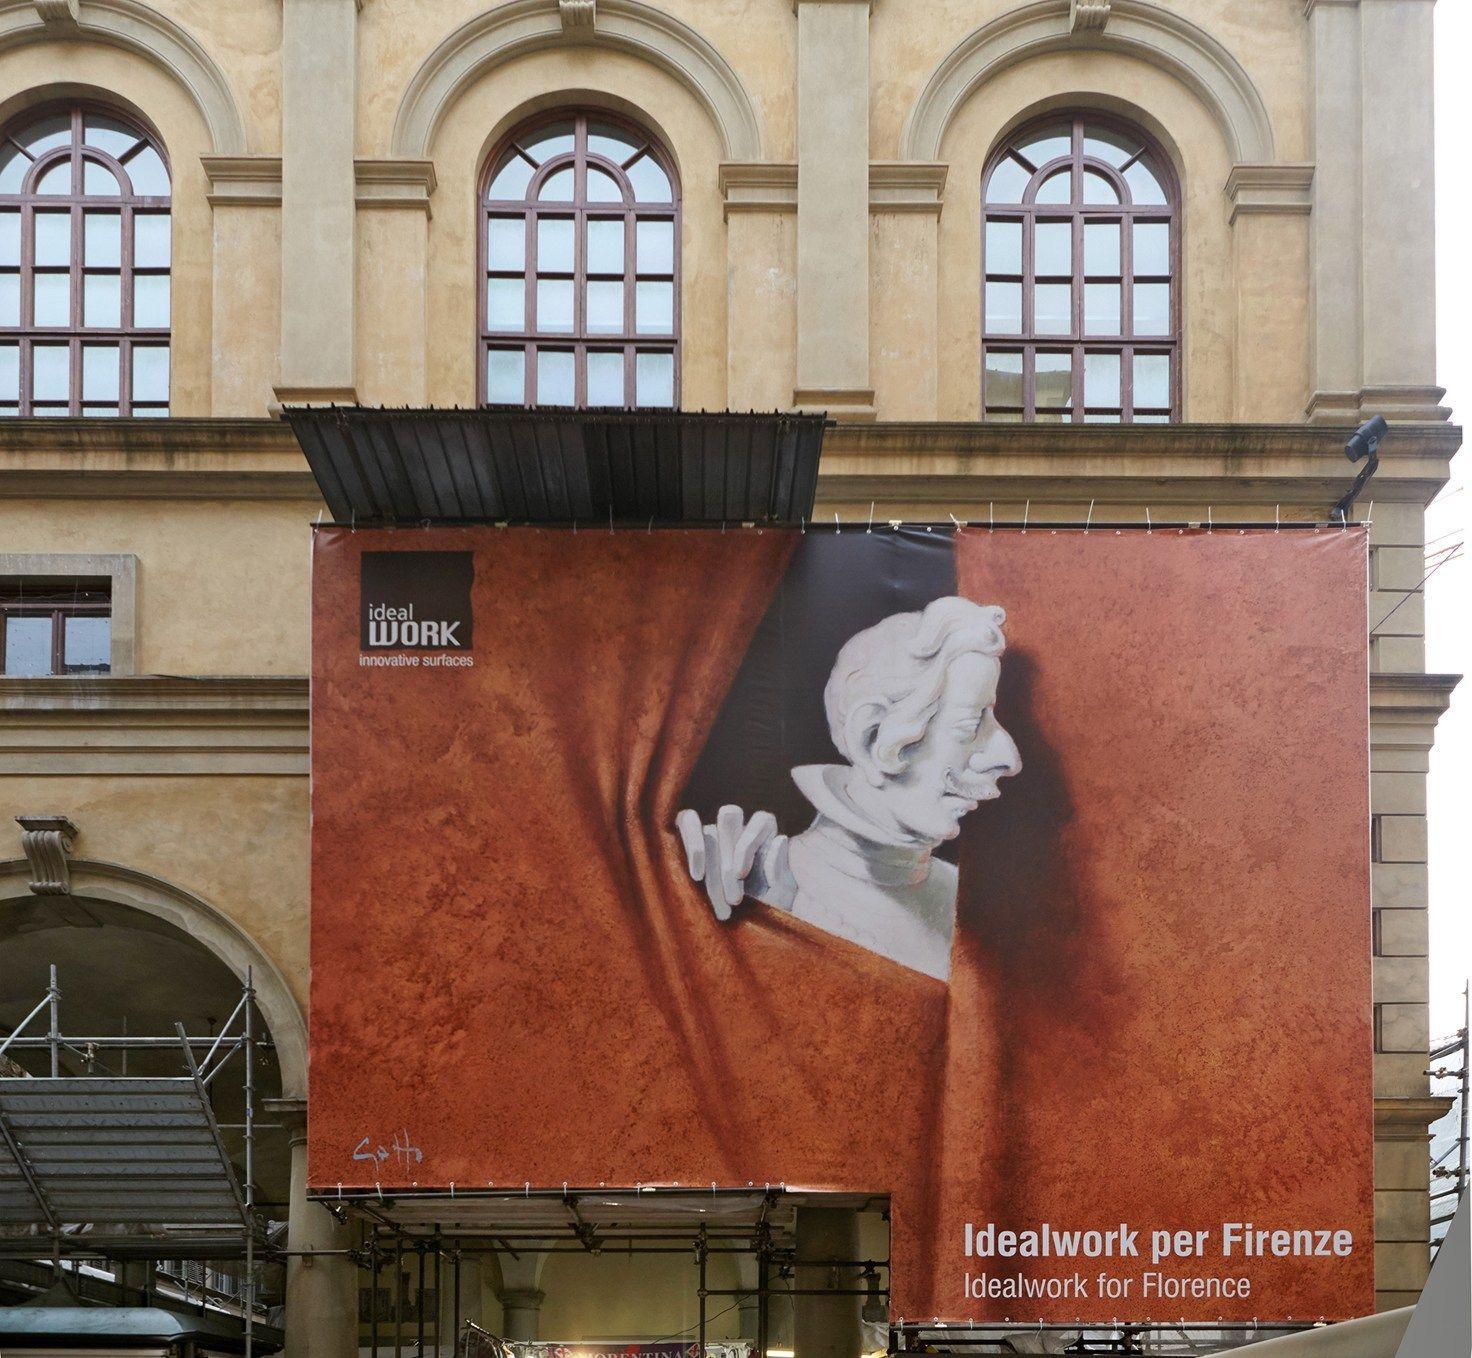 Arte per l'arte: Ideal Work finanzia il restauro dello stemma di Cosimo II de' Medici a Firenze